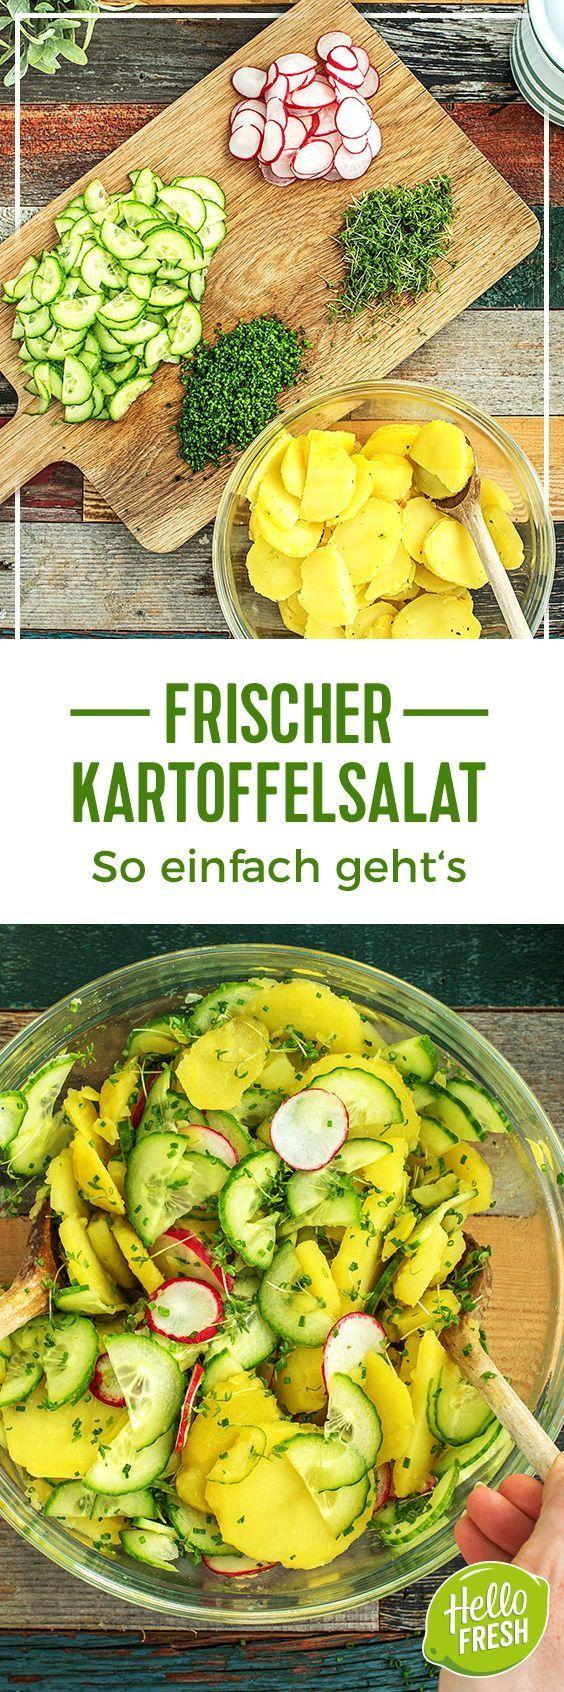 Photo of Våre ferske salater til grilling av HelloFresh-bloggen